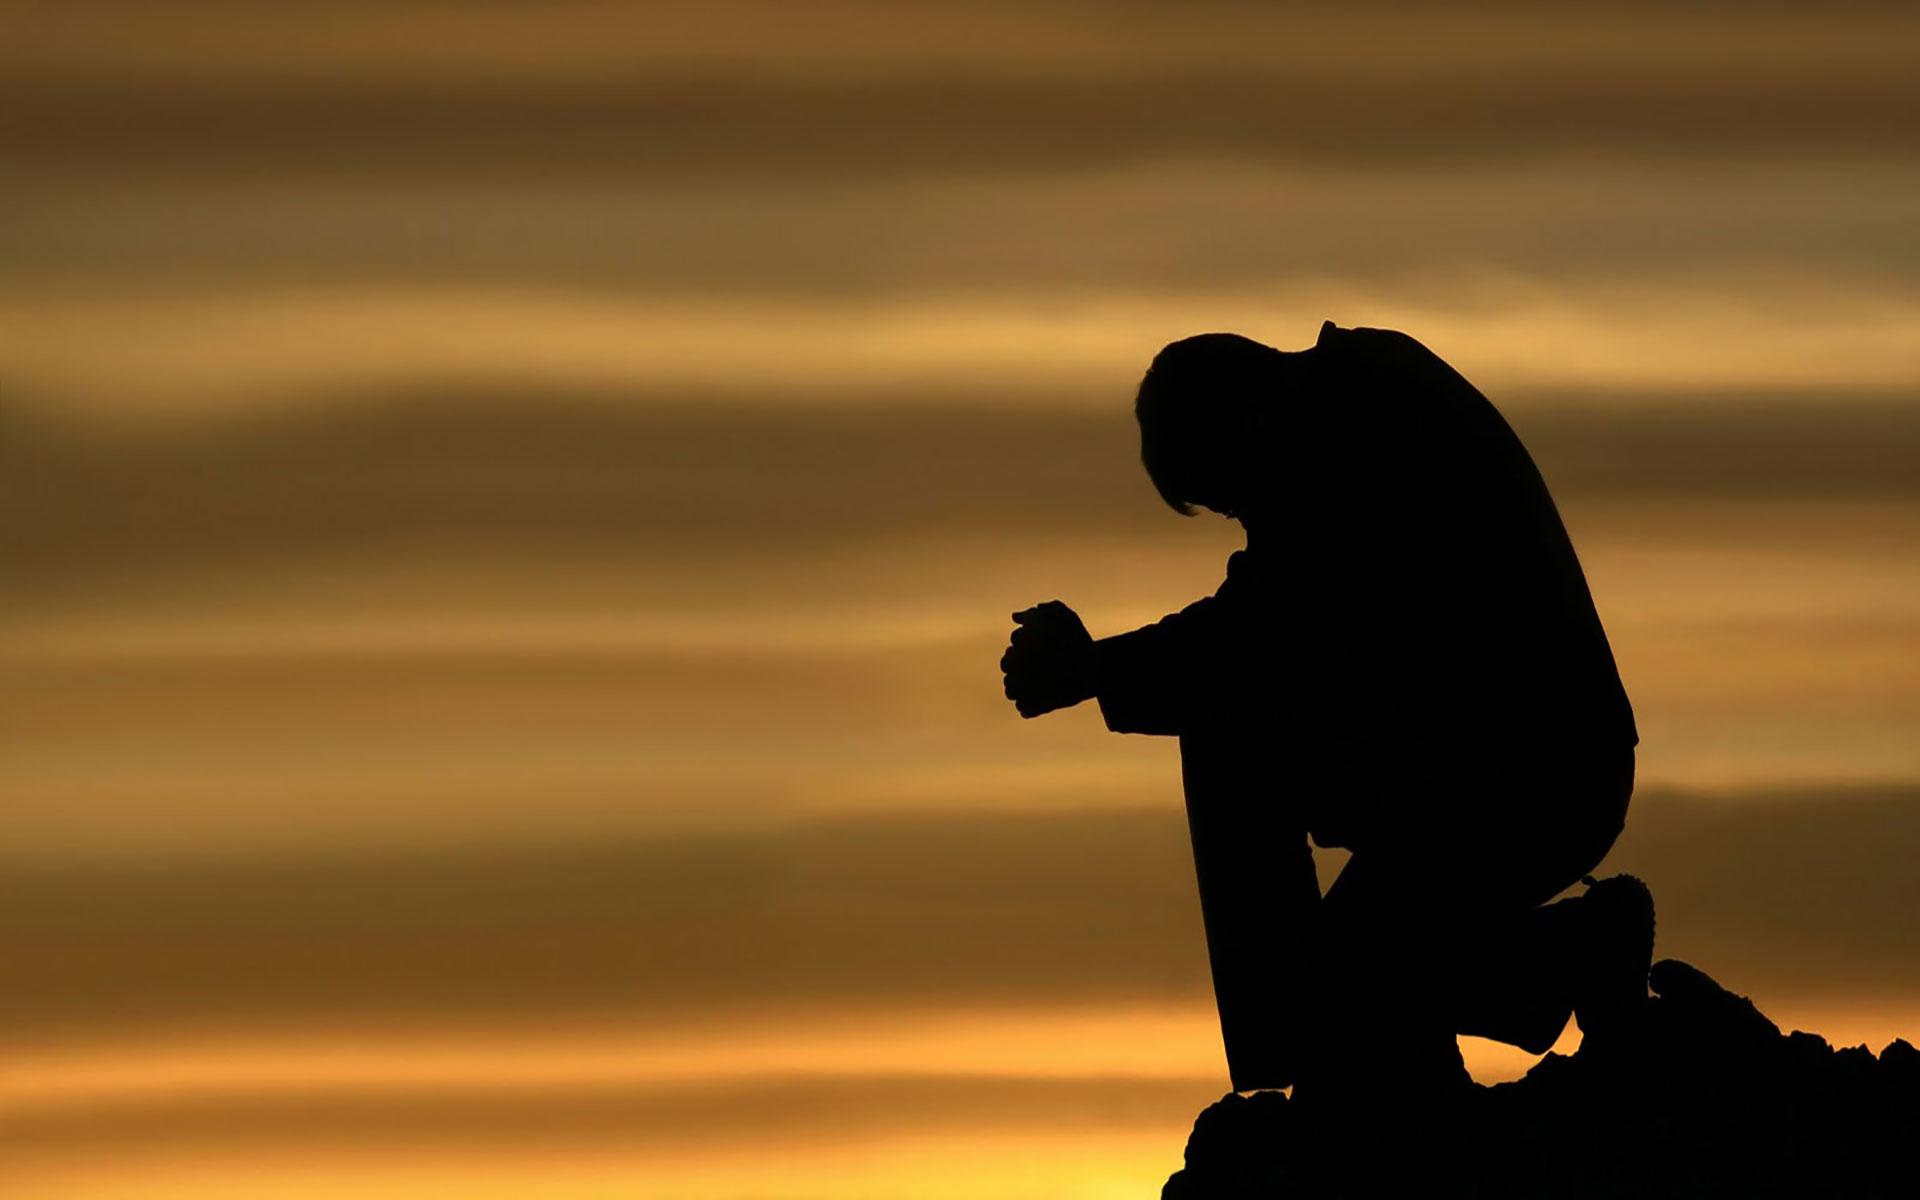 Broken Heart Sad Boy - HD Wallpaper